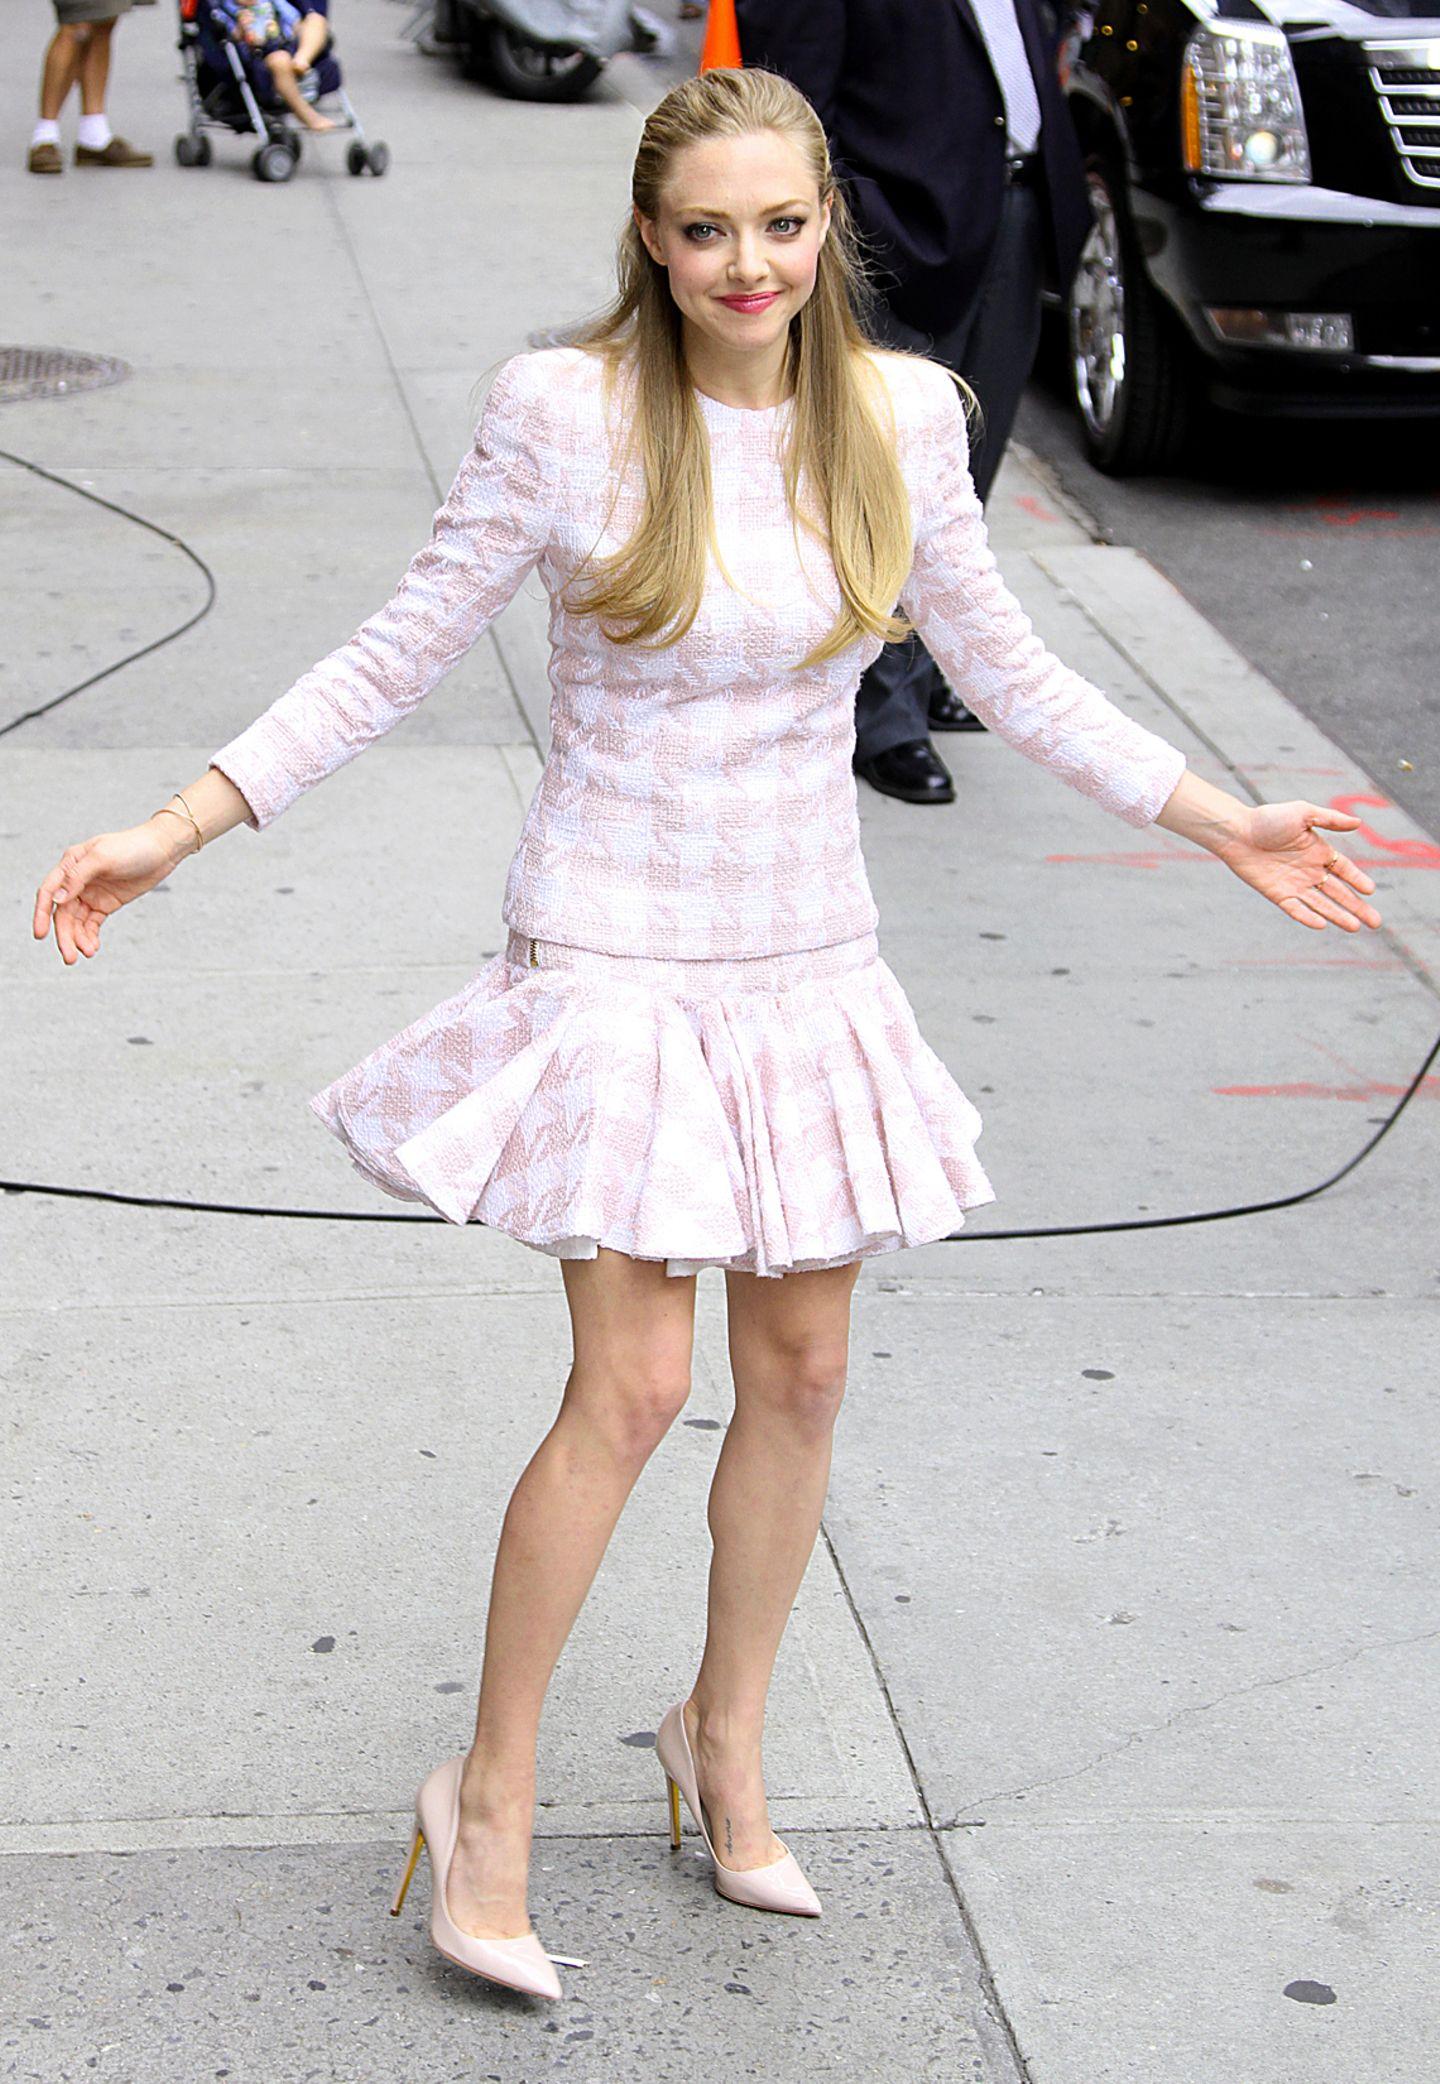 Fast wie eine Ballerina sieht Amanda Seyfried im Balmain-Dress mit rosa-weißem Hahnentrittmuster aus.